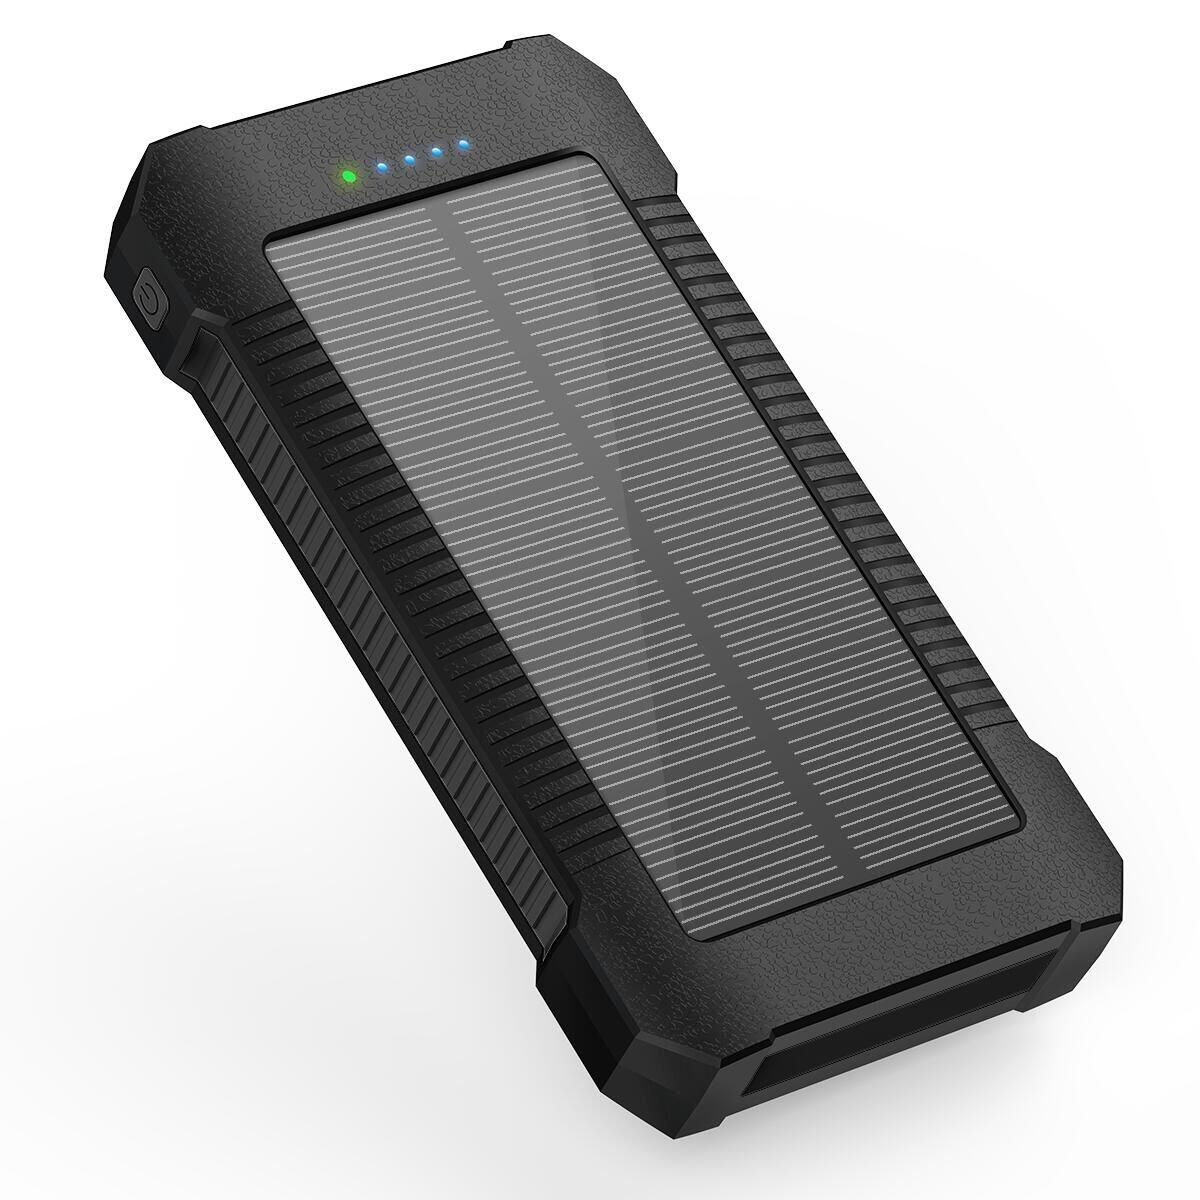 Externer Akku Batterie für Handy Solar Powerbank Ladegerät 22000mAh Solar Ladegerät Tragbares mit 3 Ausgänge und Type-C & Micro USB Dual Input Power Bank Solar Handy mit LED Taschenlampe für iPhone iPad, Samsung Galaxy, Tablet, Android Smar